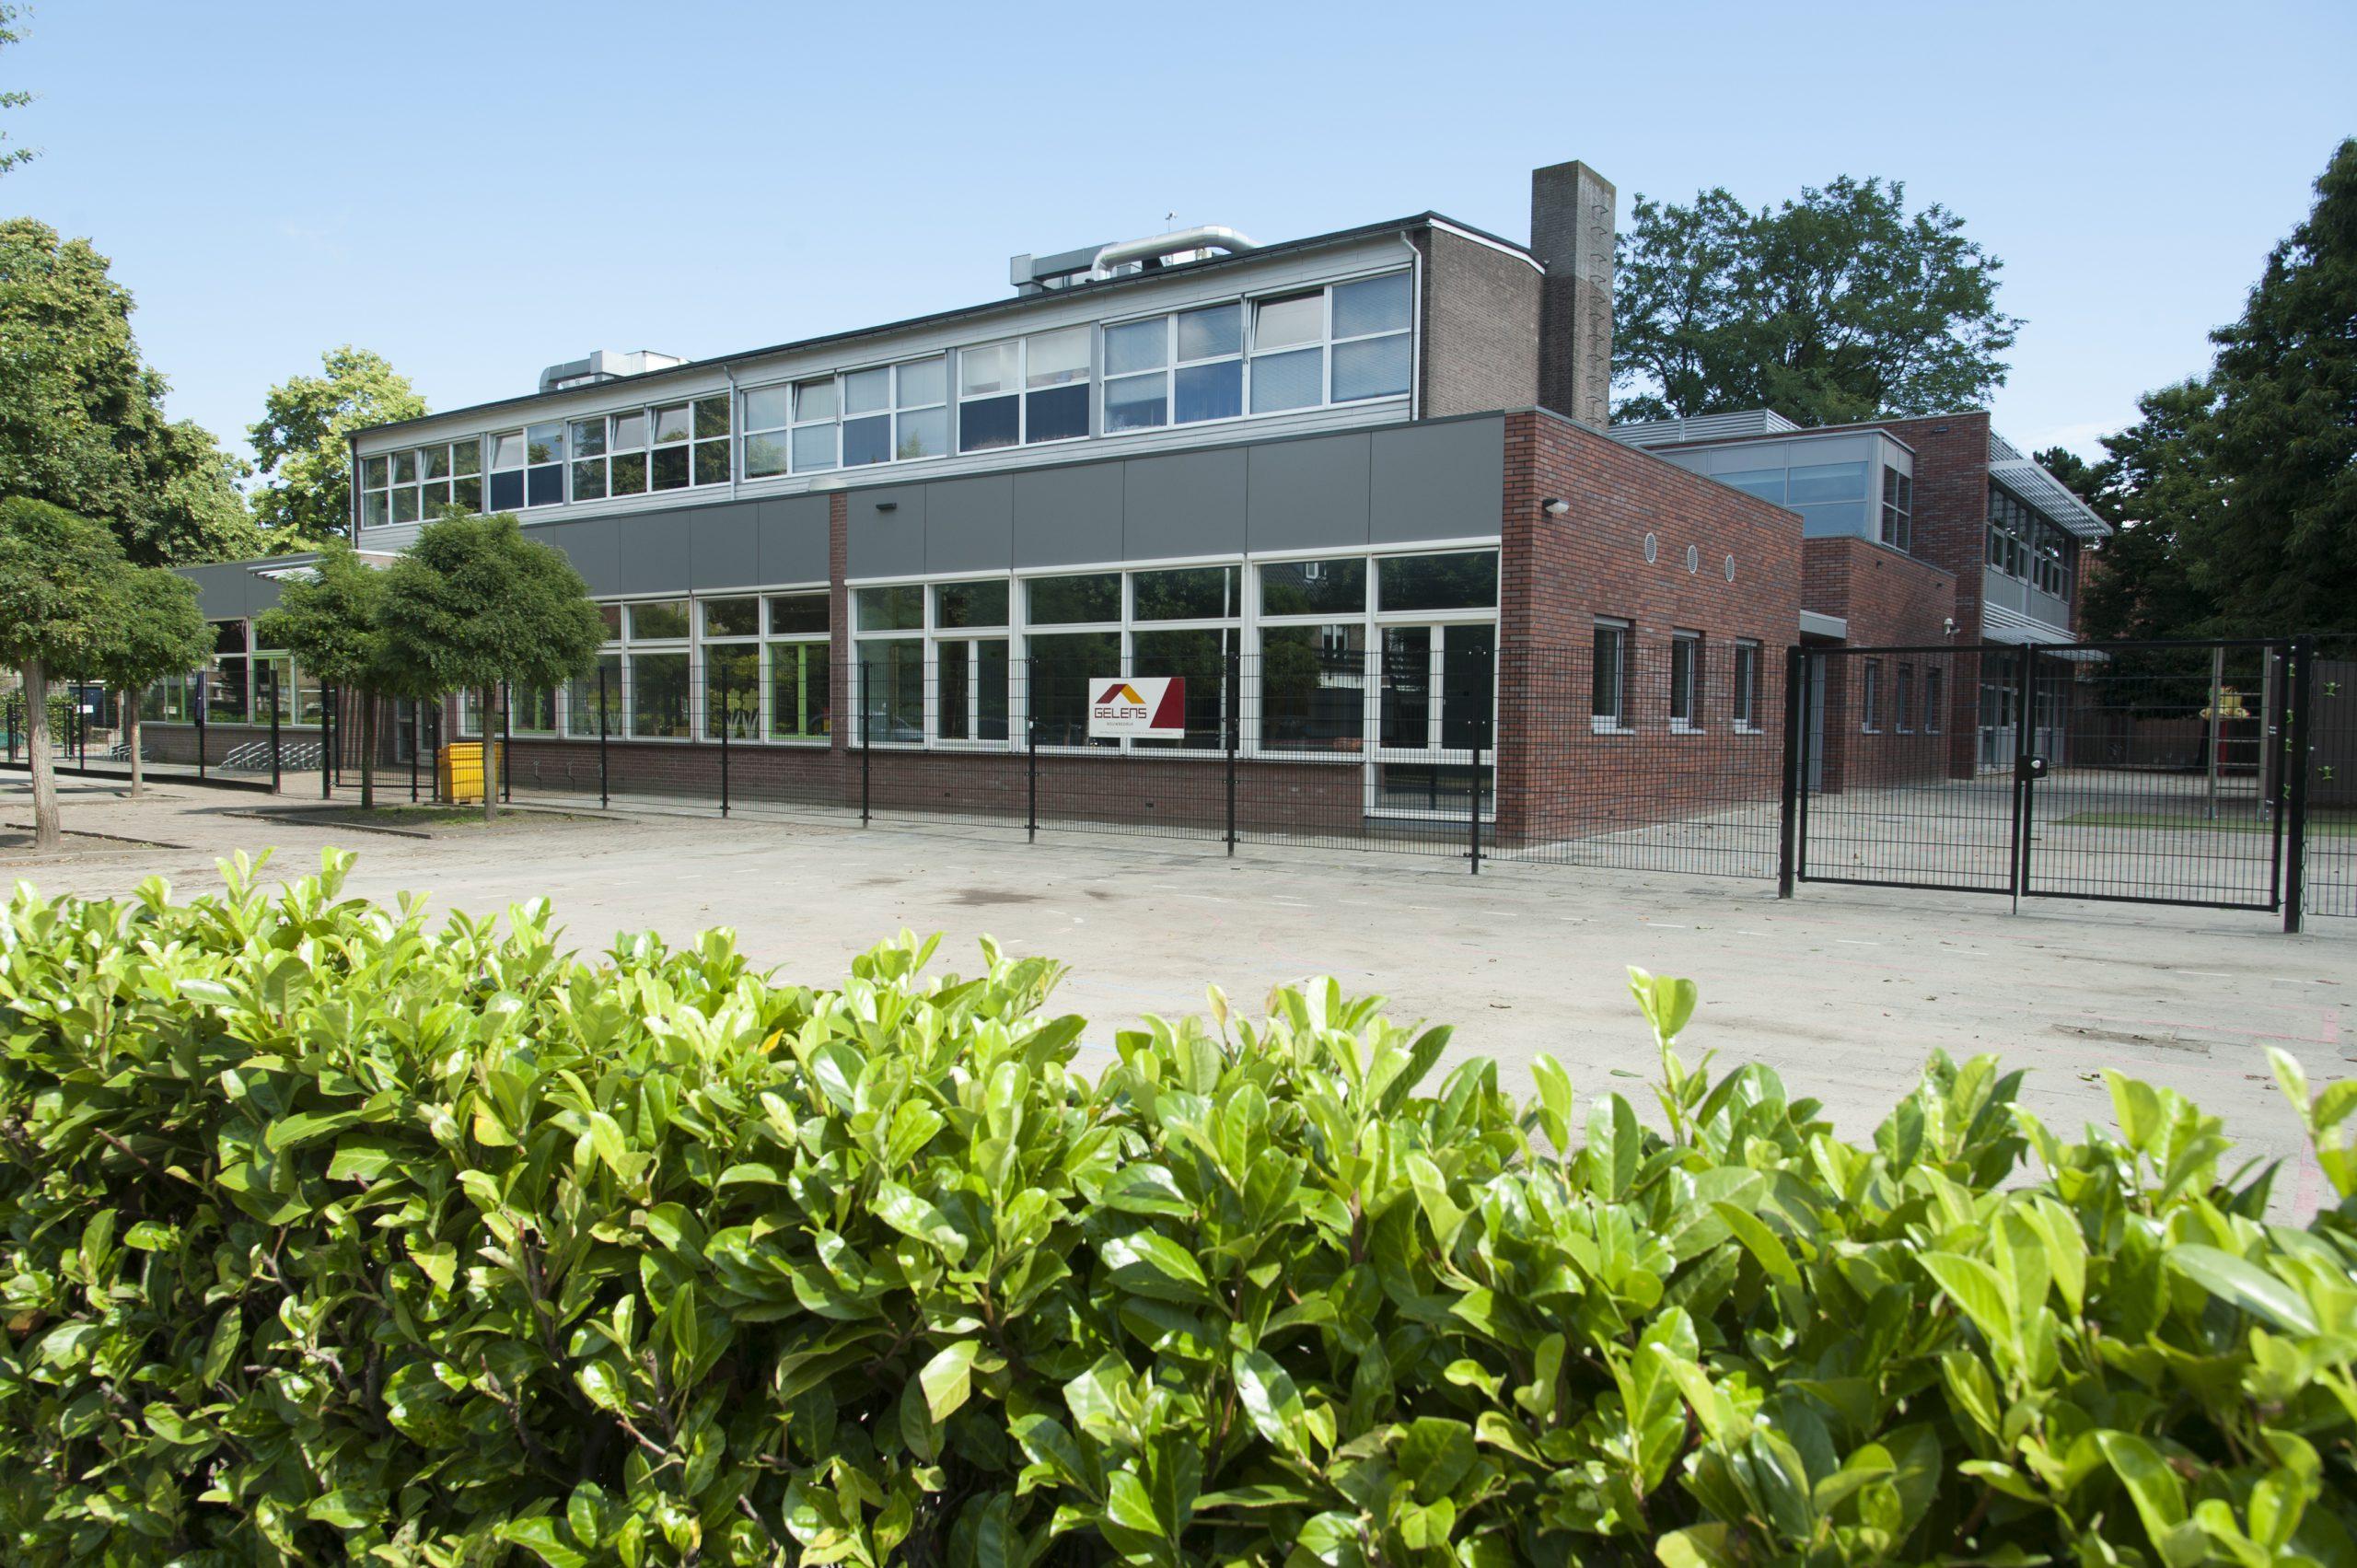 Basisschool Dirk van Veen | Breda